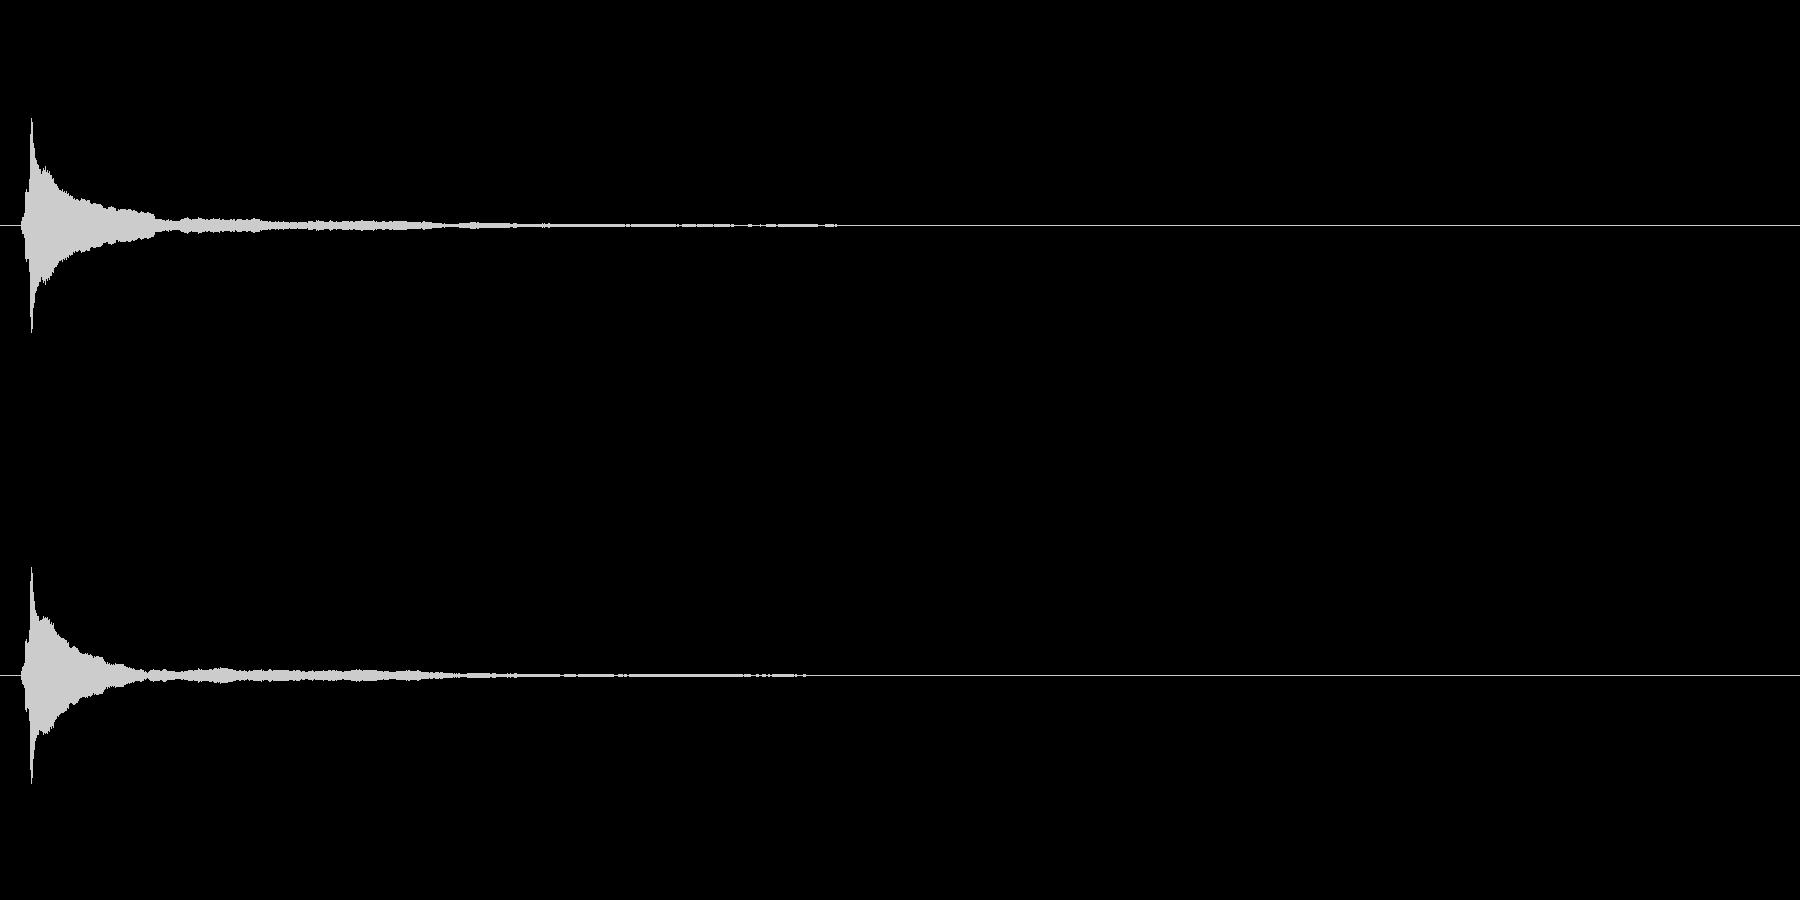 キラキラ系_008の未再生の波形